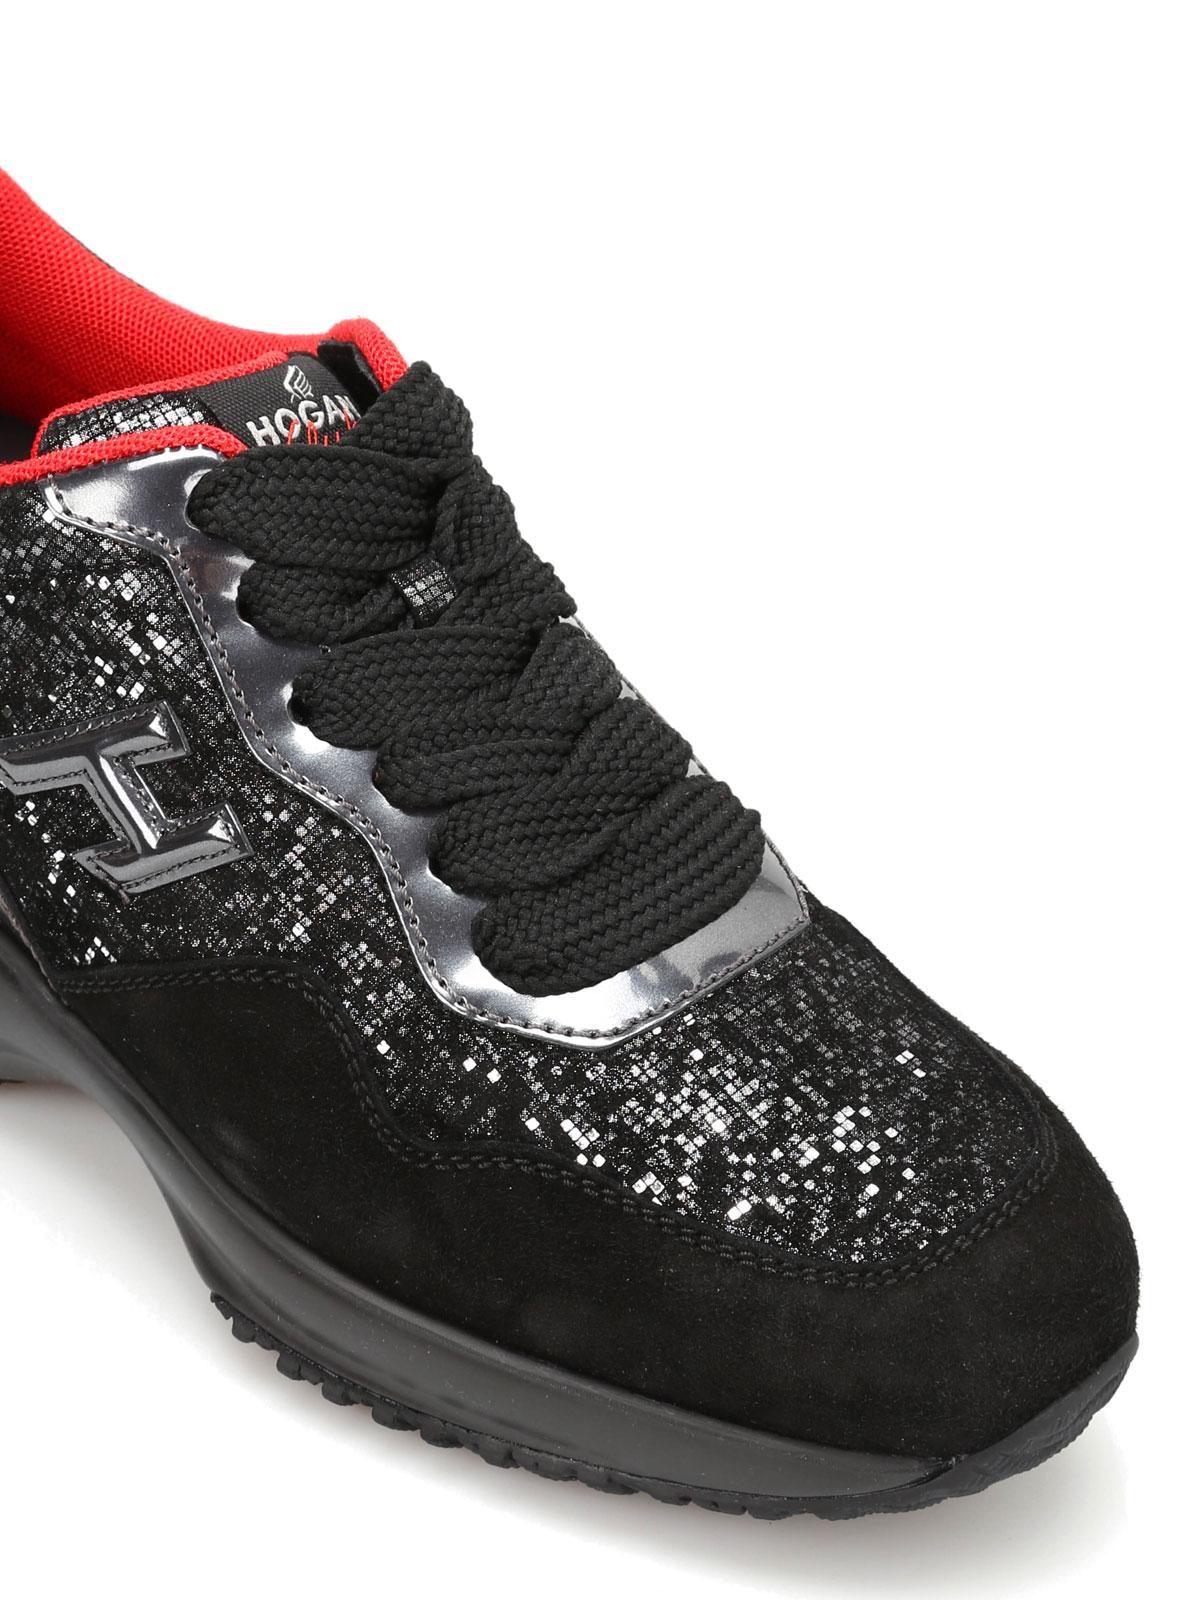 Nouveaux produits fd8c3 22fc3 Hogan - Baskets Interactive Club Pour Femme - Chaussures de ...